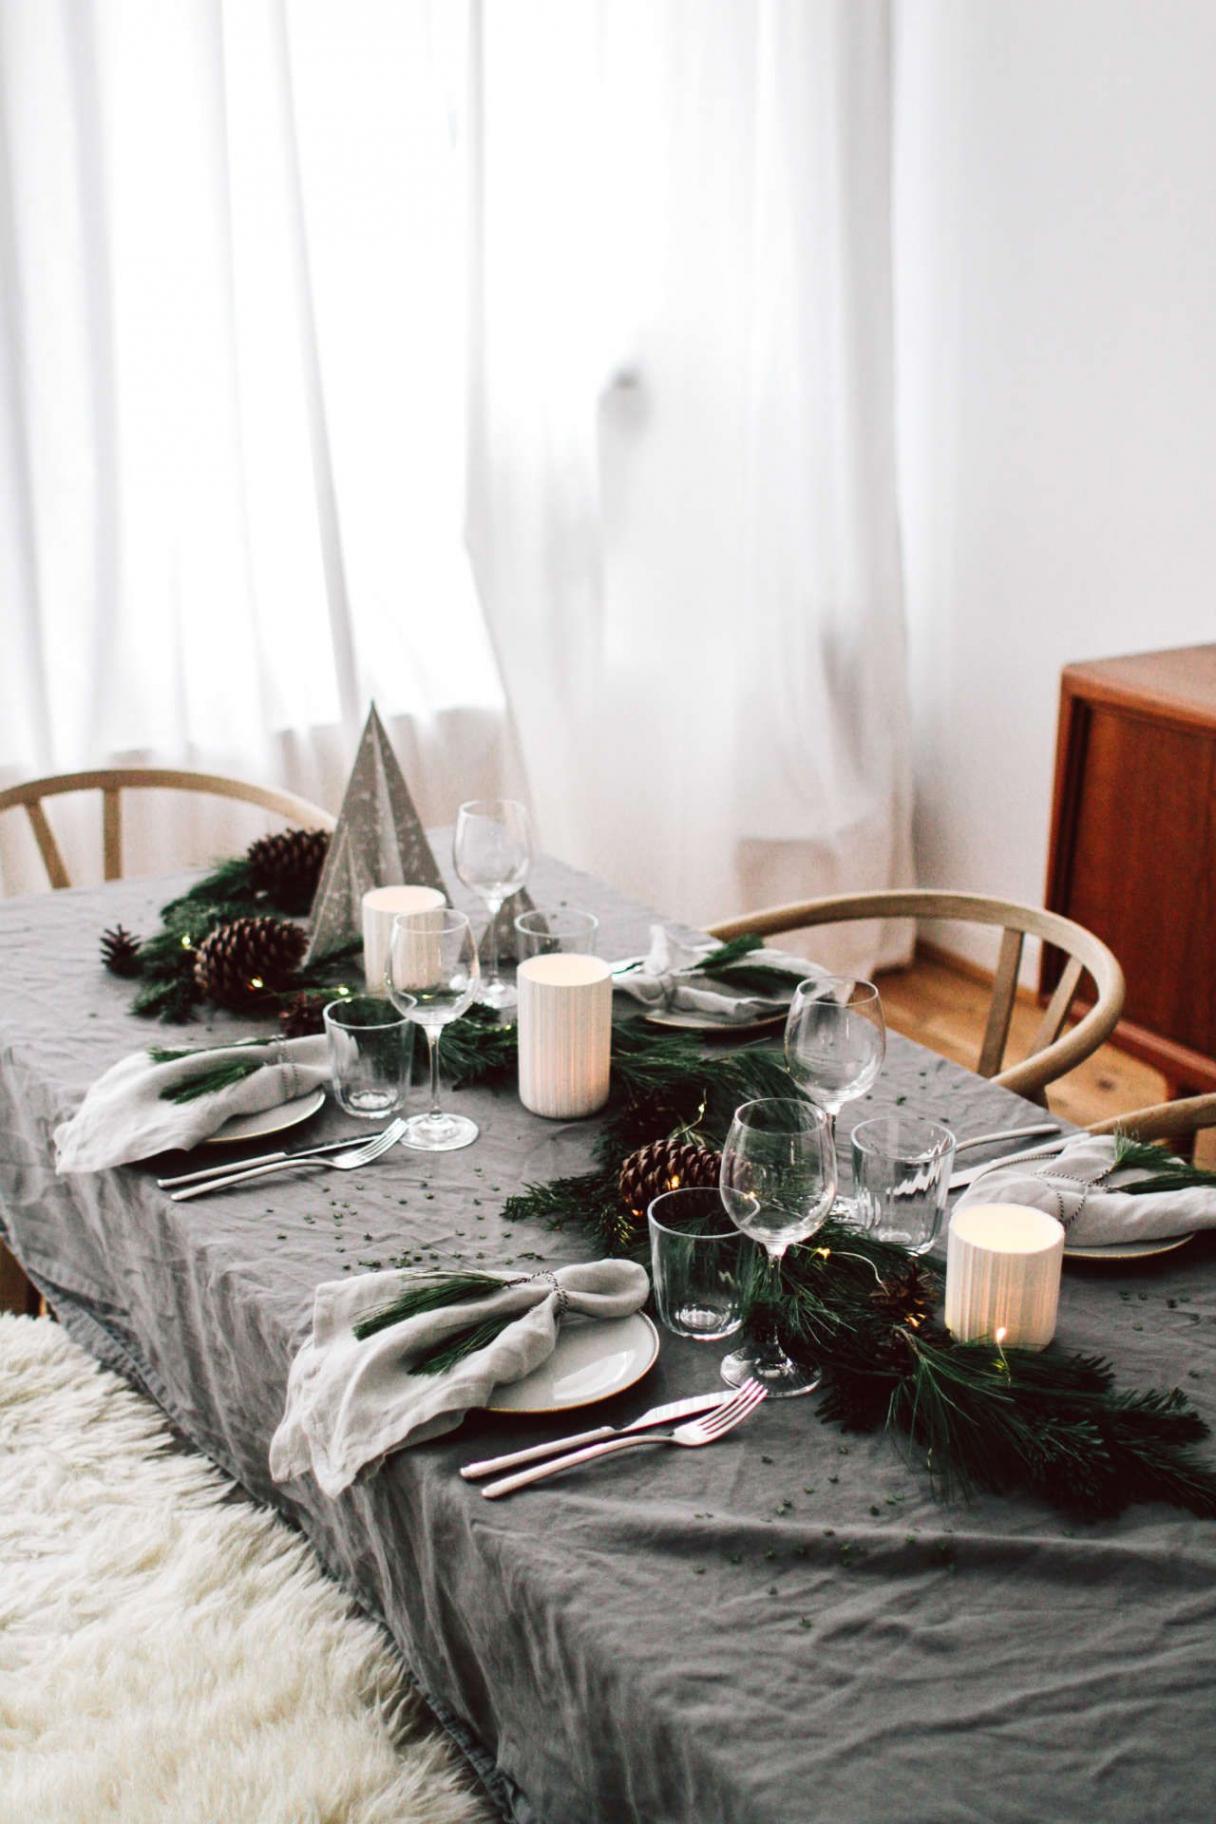 weihnachtstisch unsere tischdekoration fur weihnachten rustikale weihnachtsdeko selber machen rustikale weihnachtsdeko selber machen